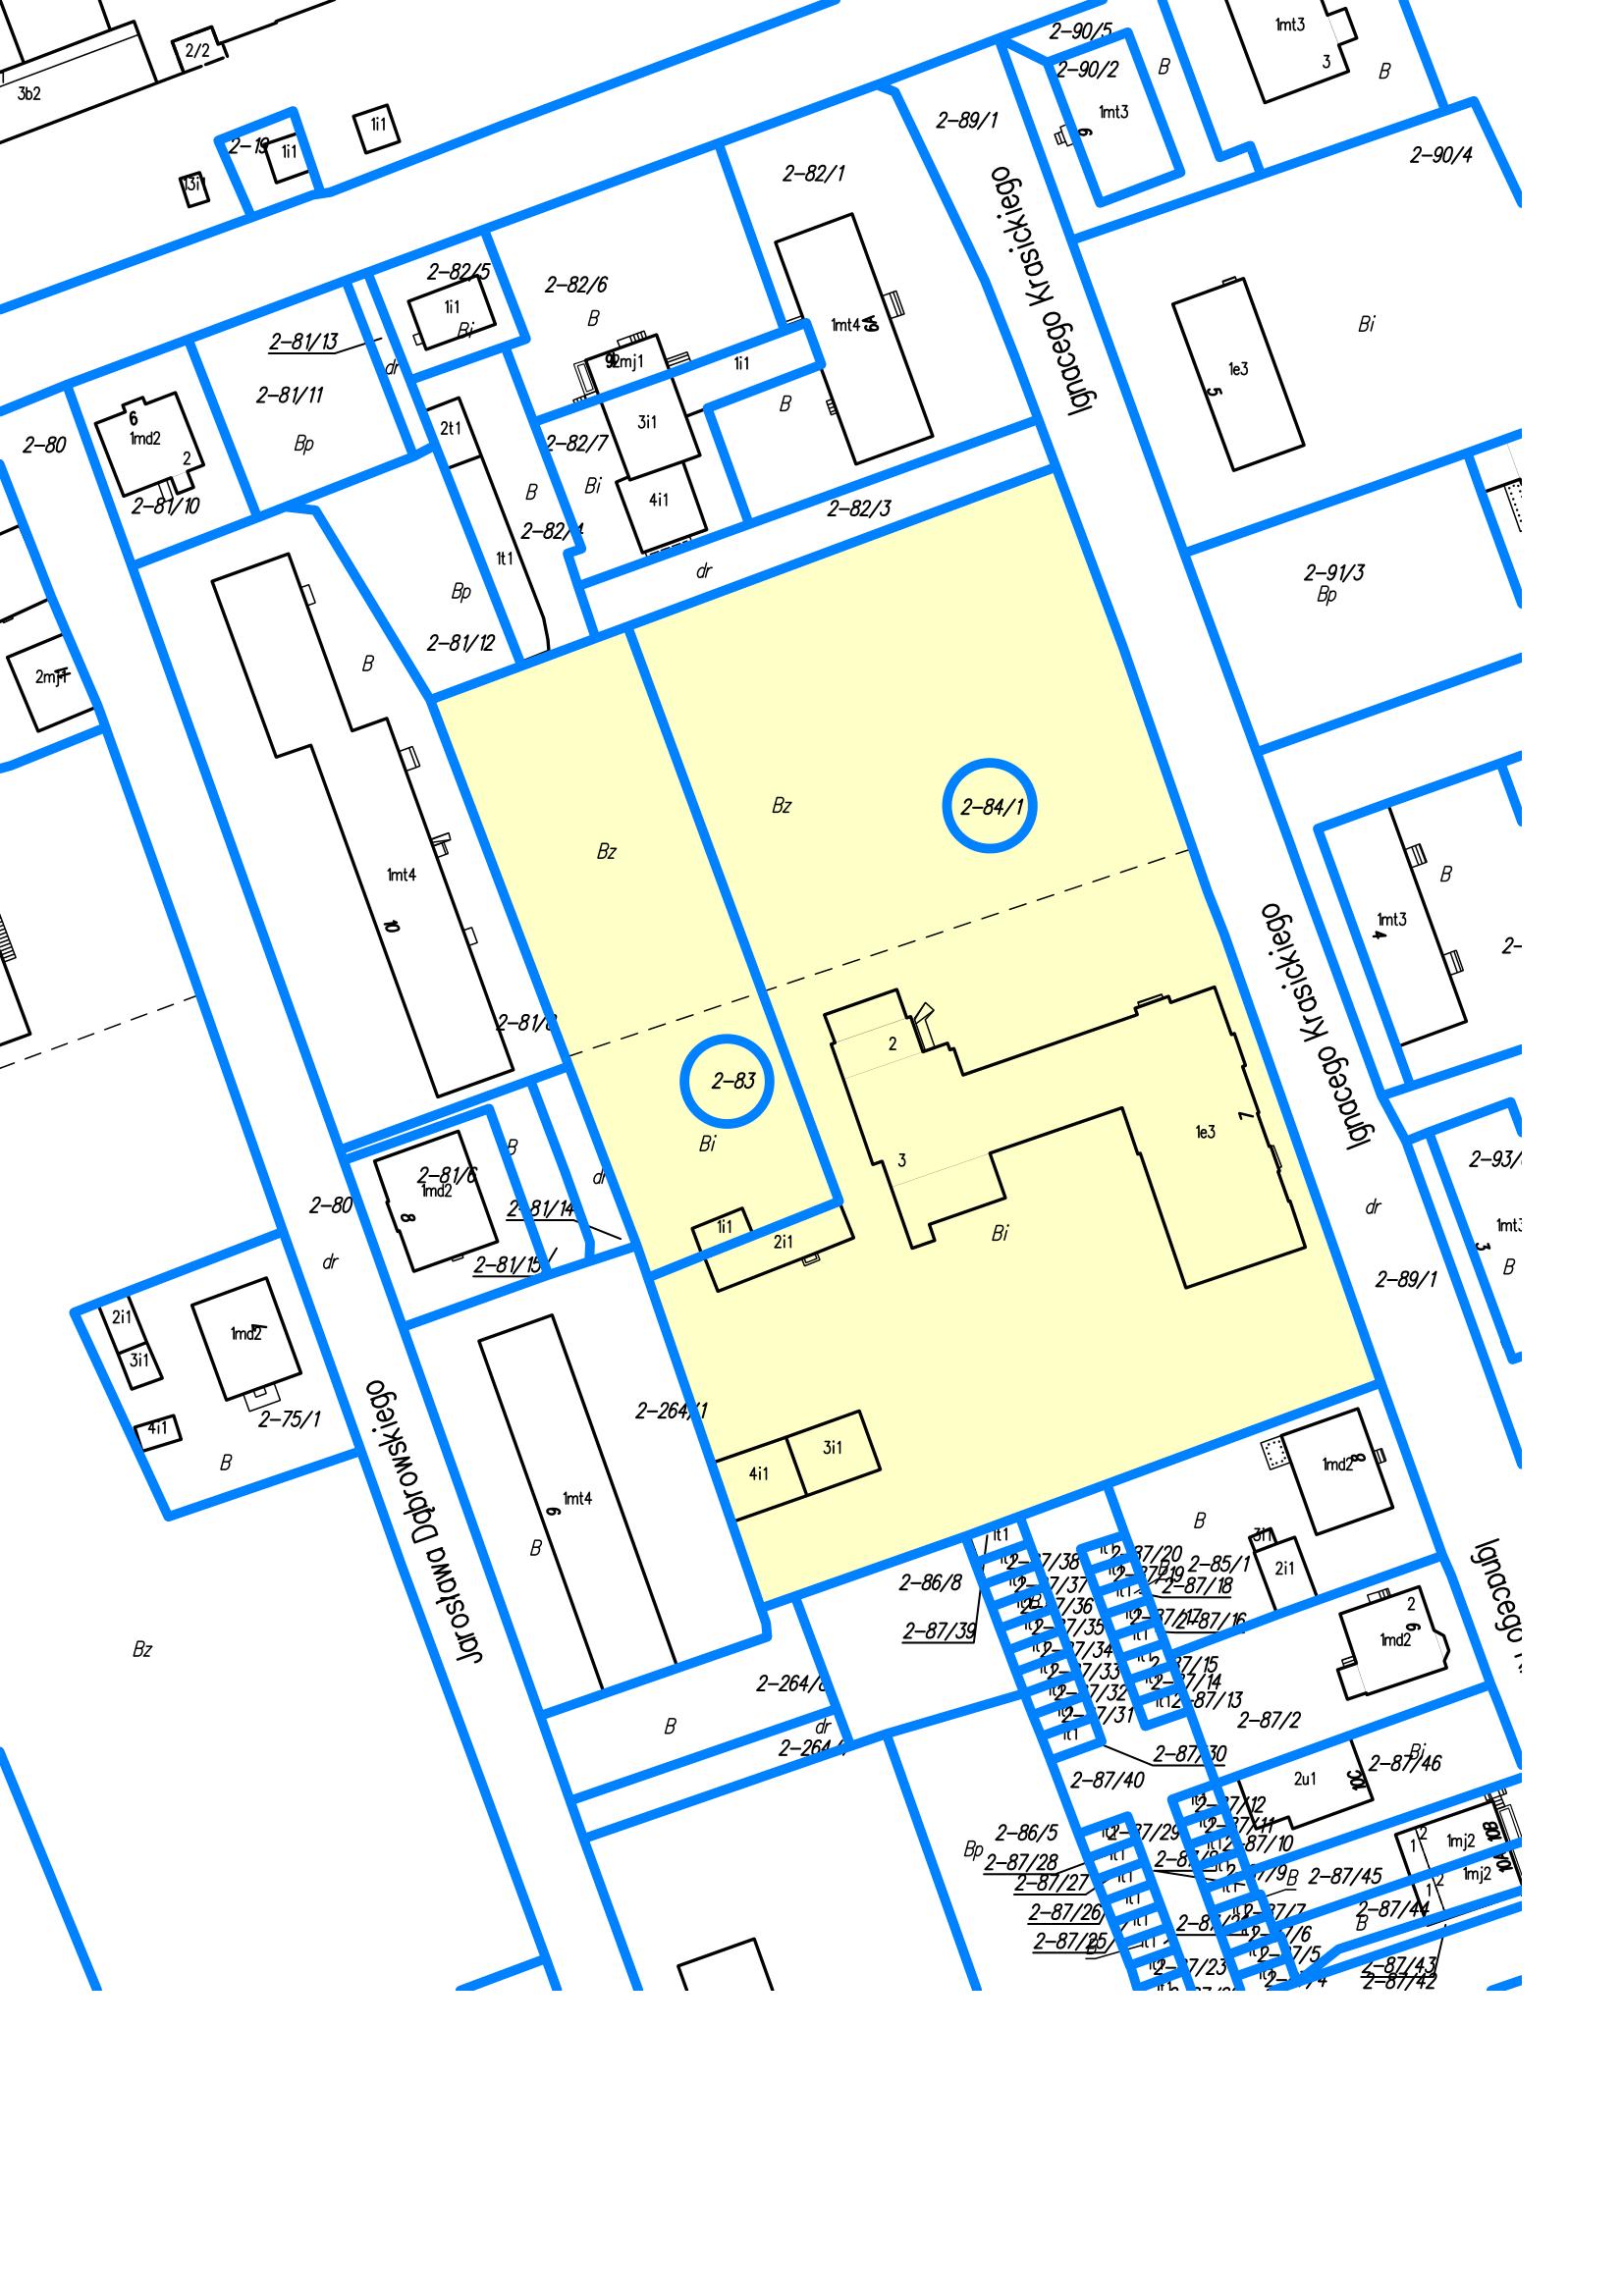 Mapka przedstawiająca działki nr 83 i 84/1 położonych w obrębie 2 miasto Reszel przy ul. Krasickiego w Reszlu